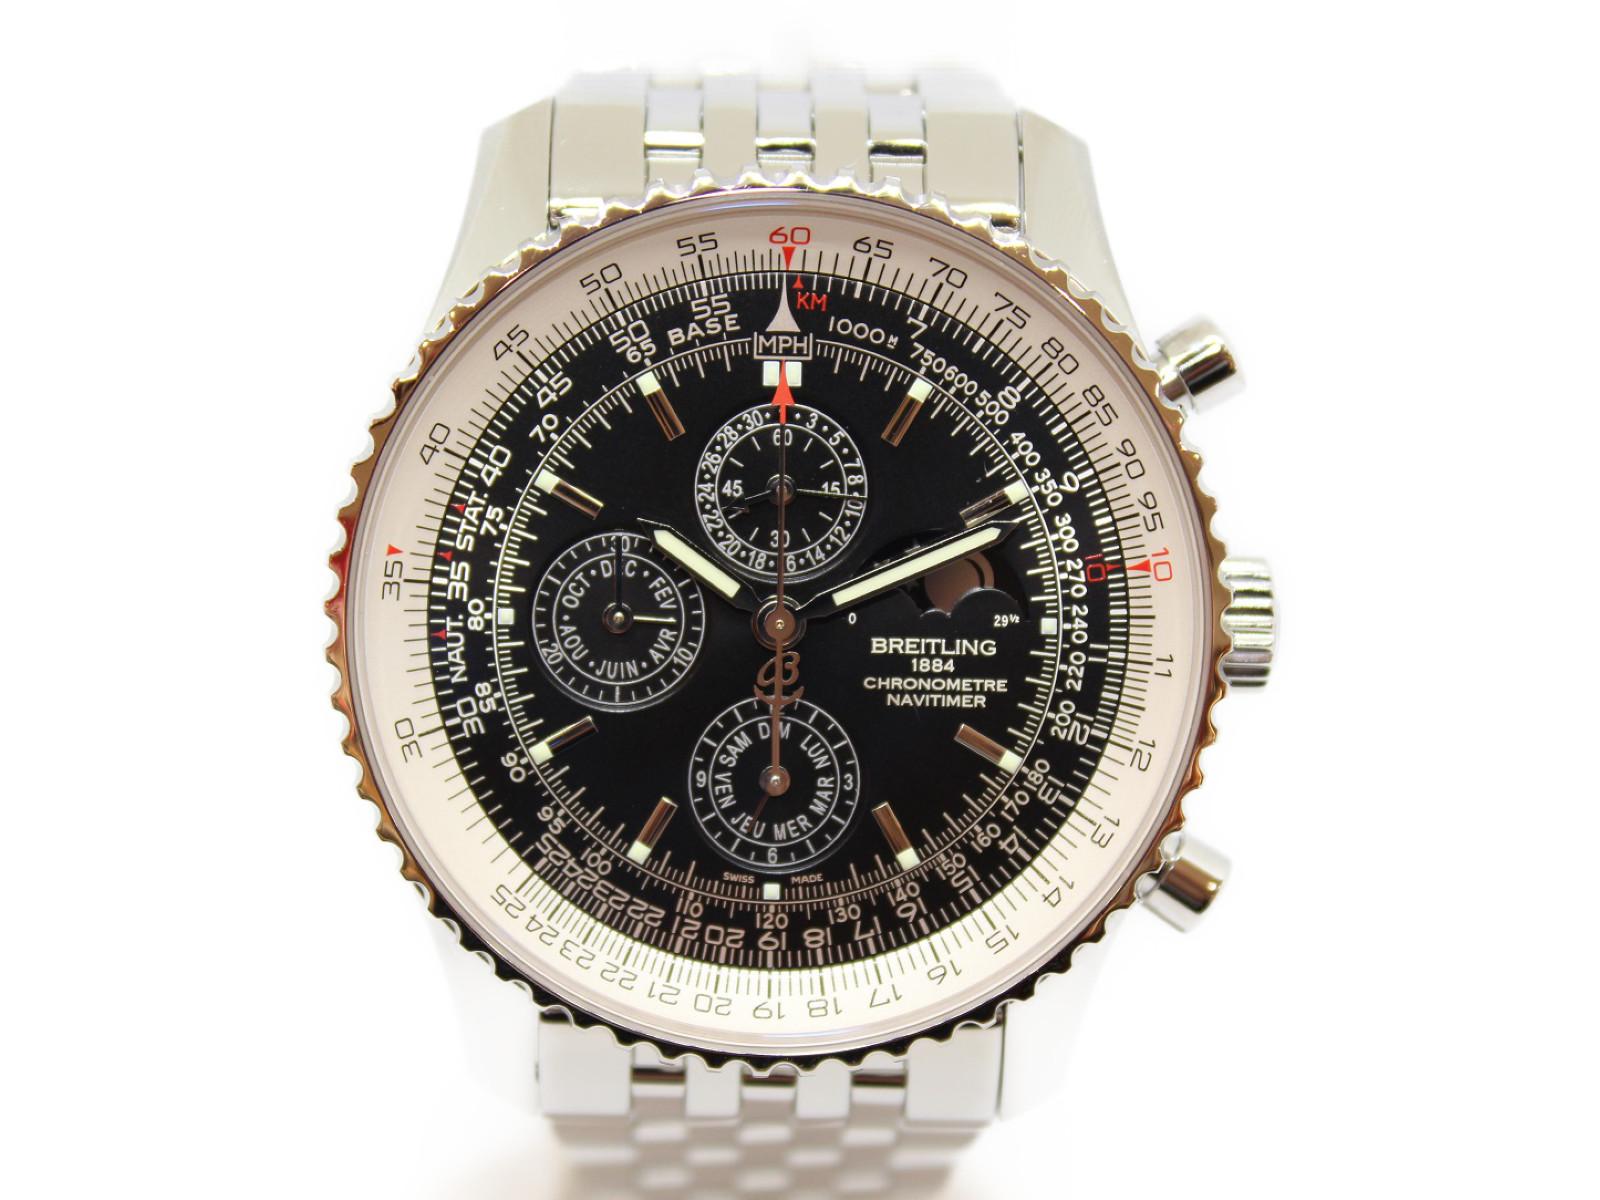 【世界1000本限定】BREITLING ナビタイマー A197B57NP SS ステンレススチール 77/1000 月・日付・曜日表示  クロノグラフ メンズ 腕時計 【中古】